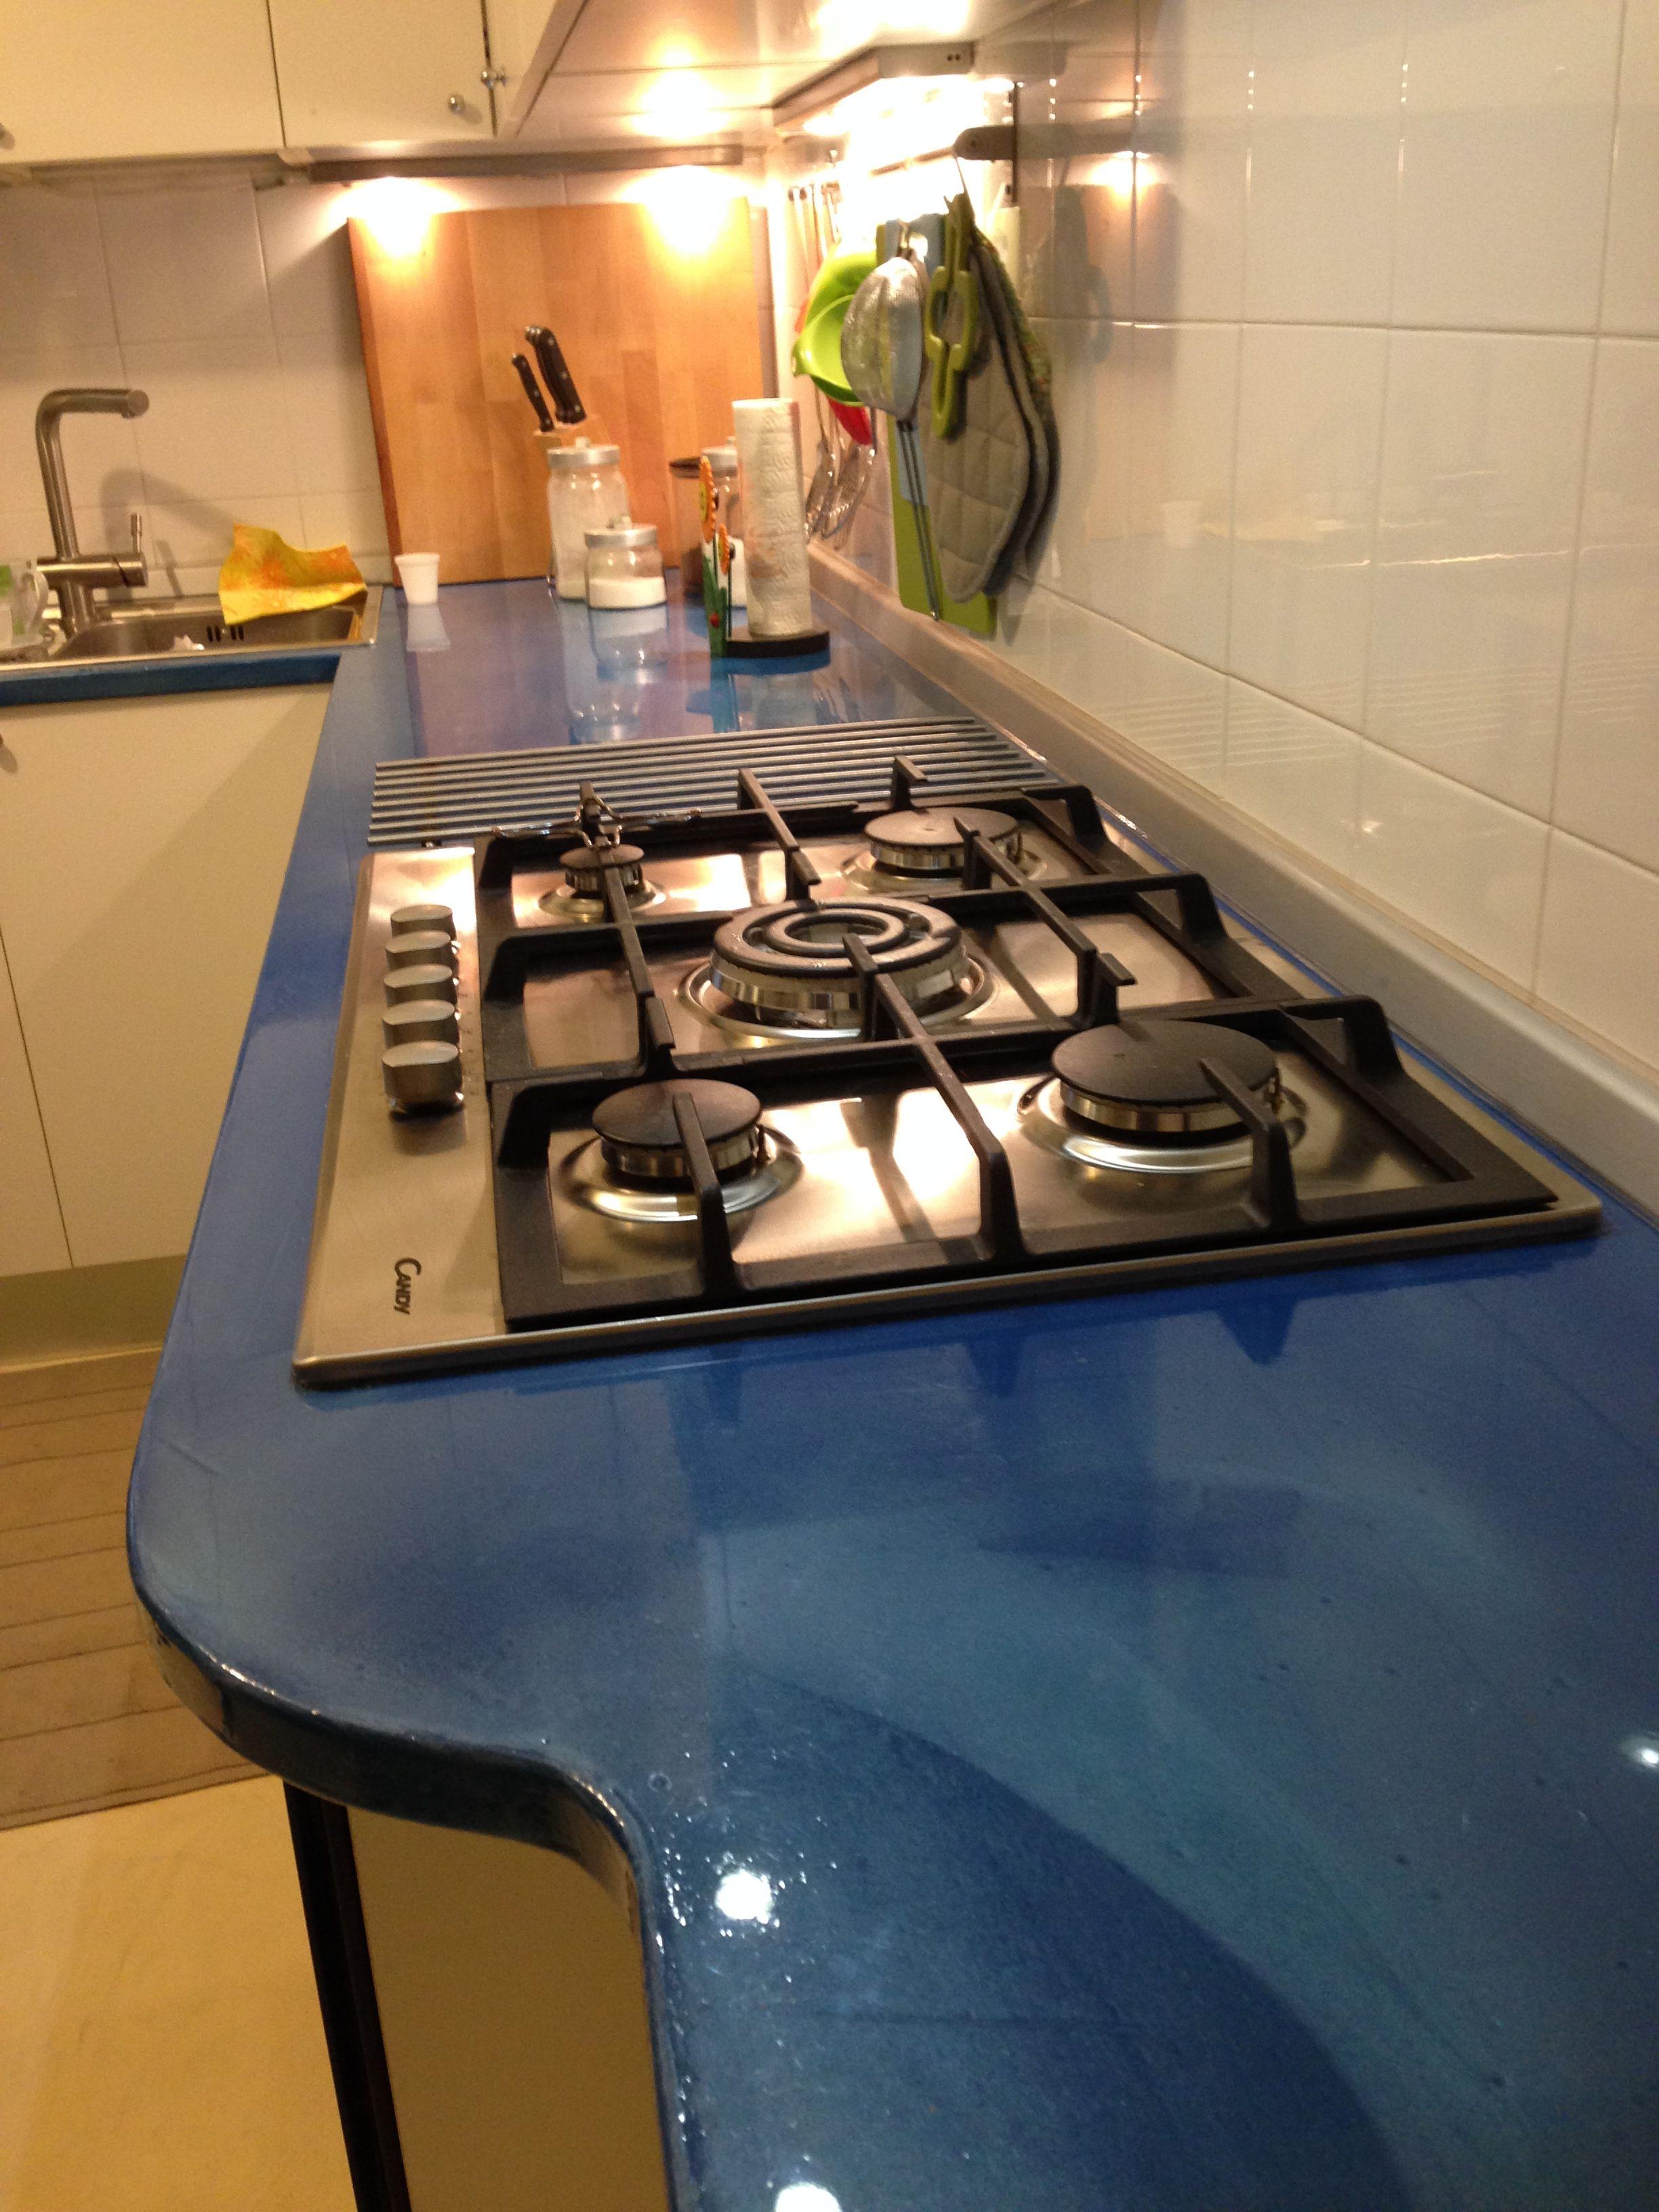 Top Cucina In Resina top cucina in resina poliurea (con imágenes)